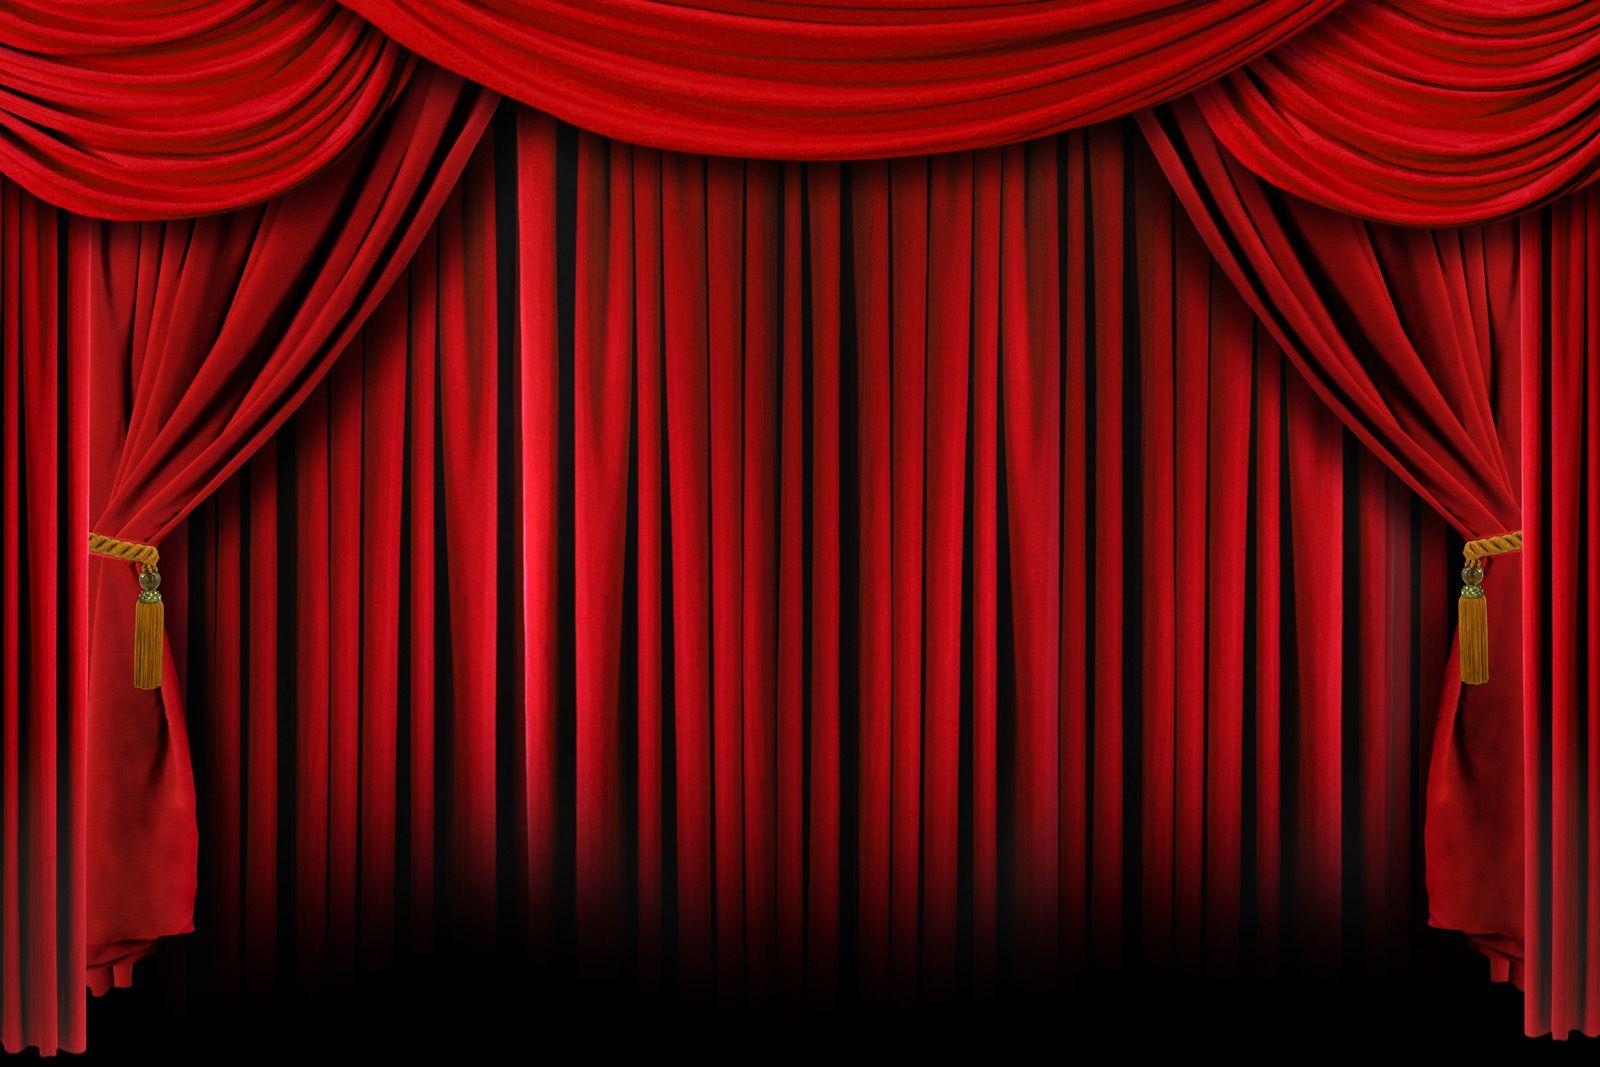 выделяем картинки театрального занавеса нет